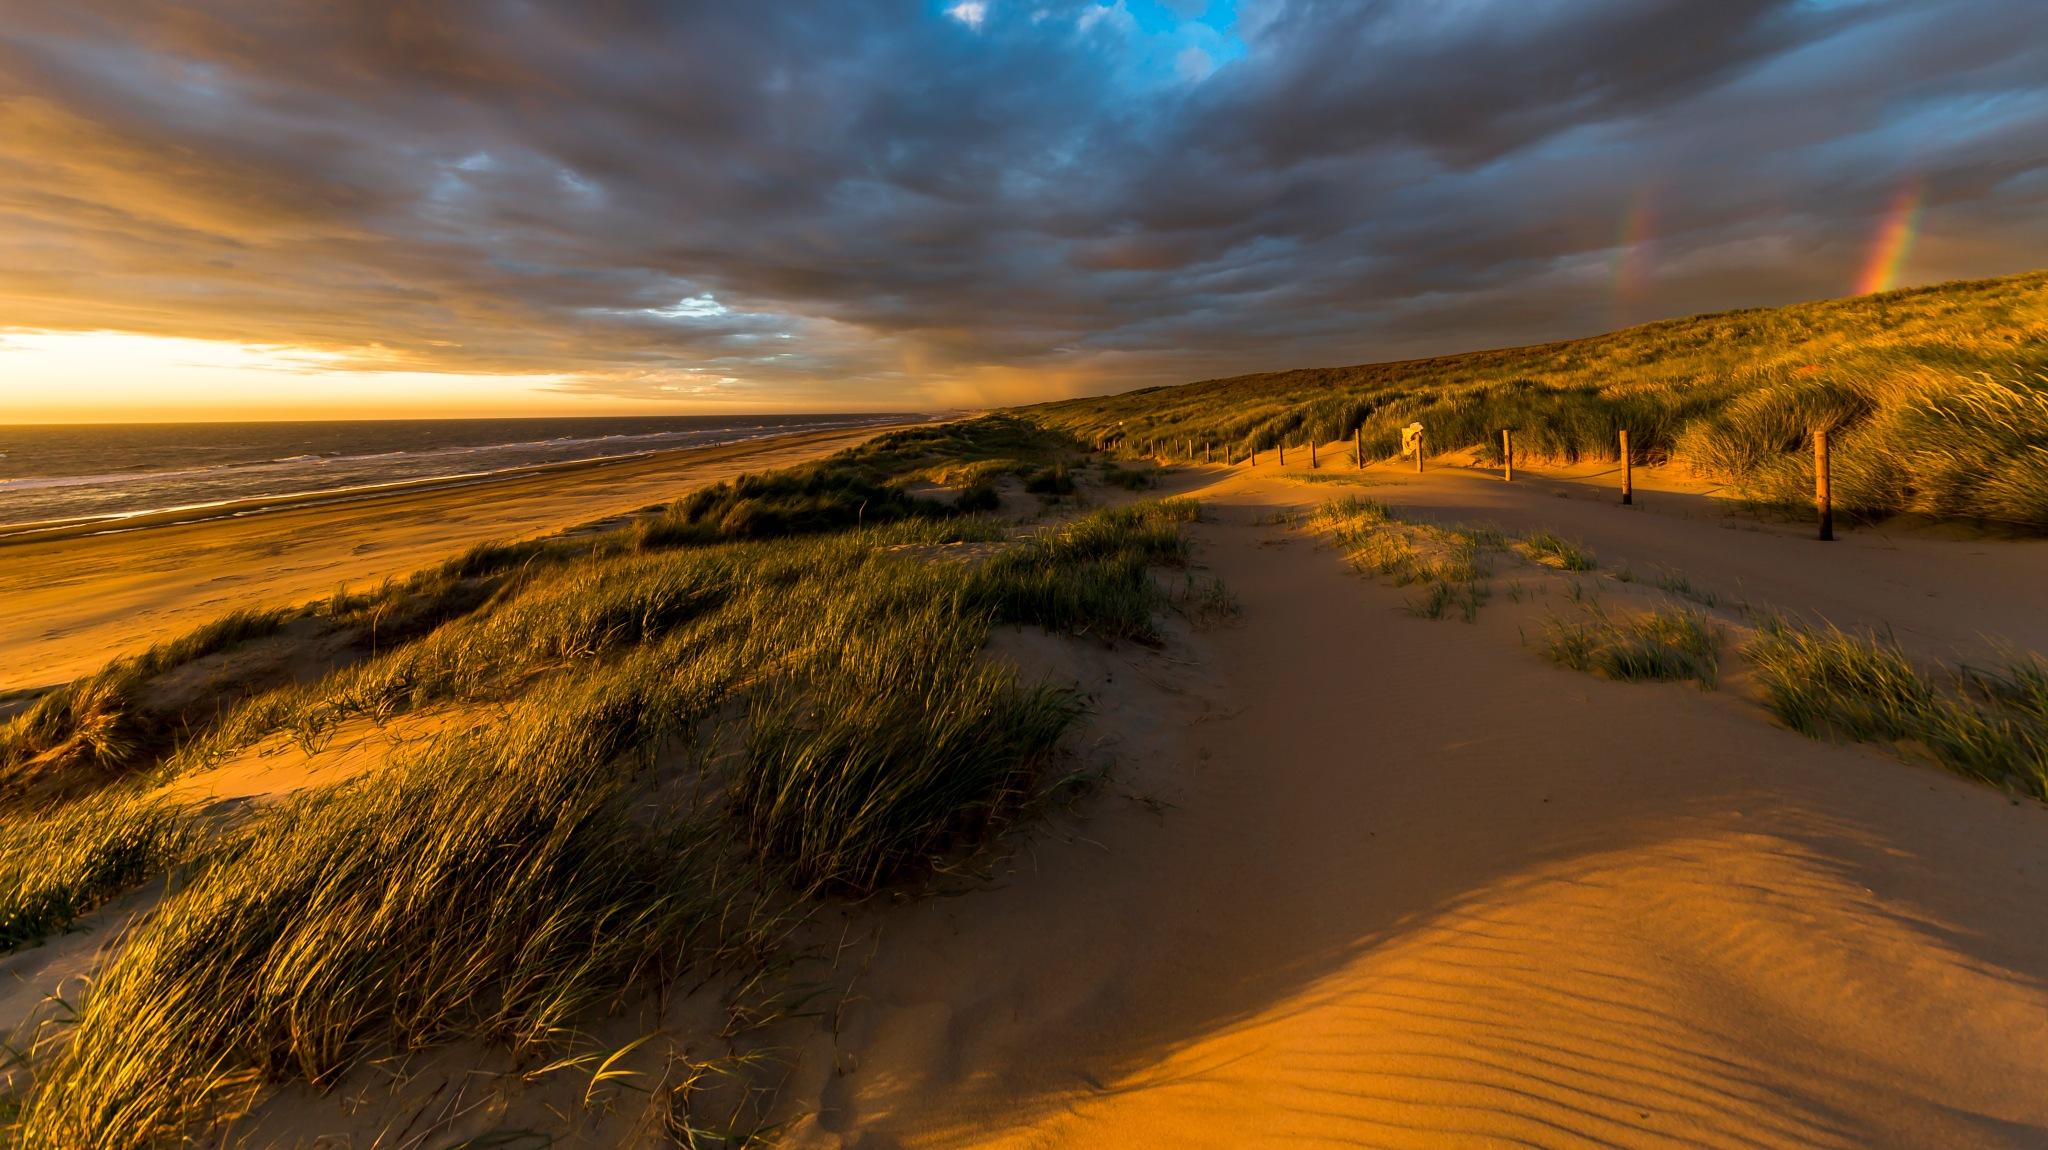 A summer evening at the beach by FerdinandMul